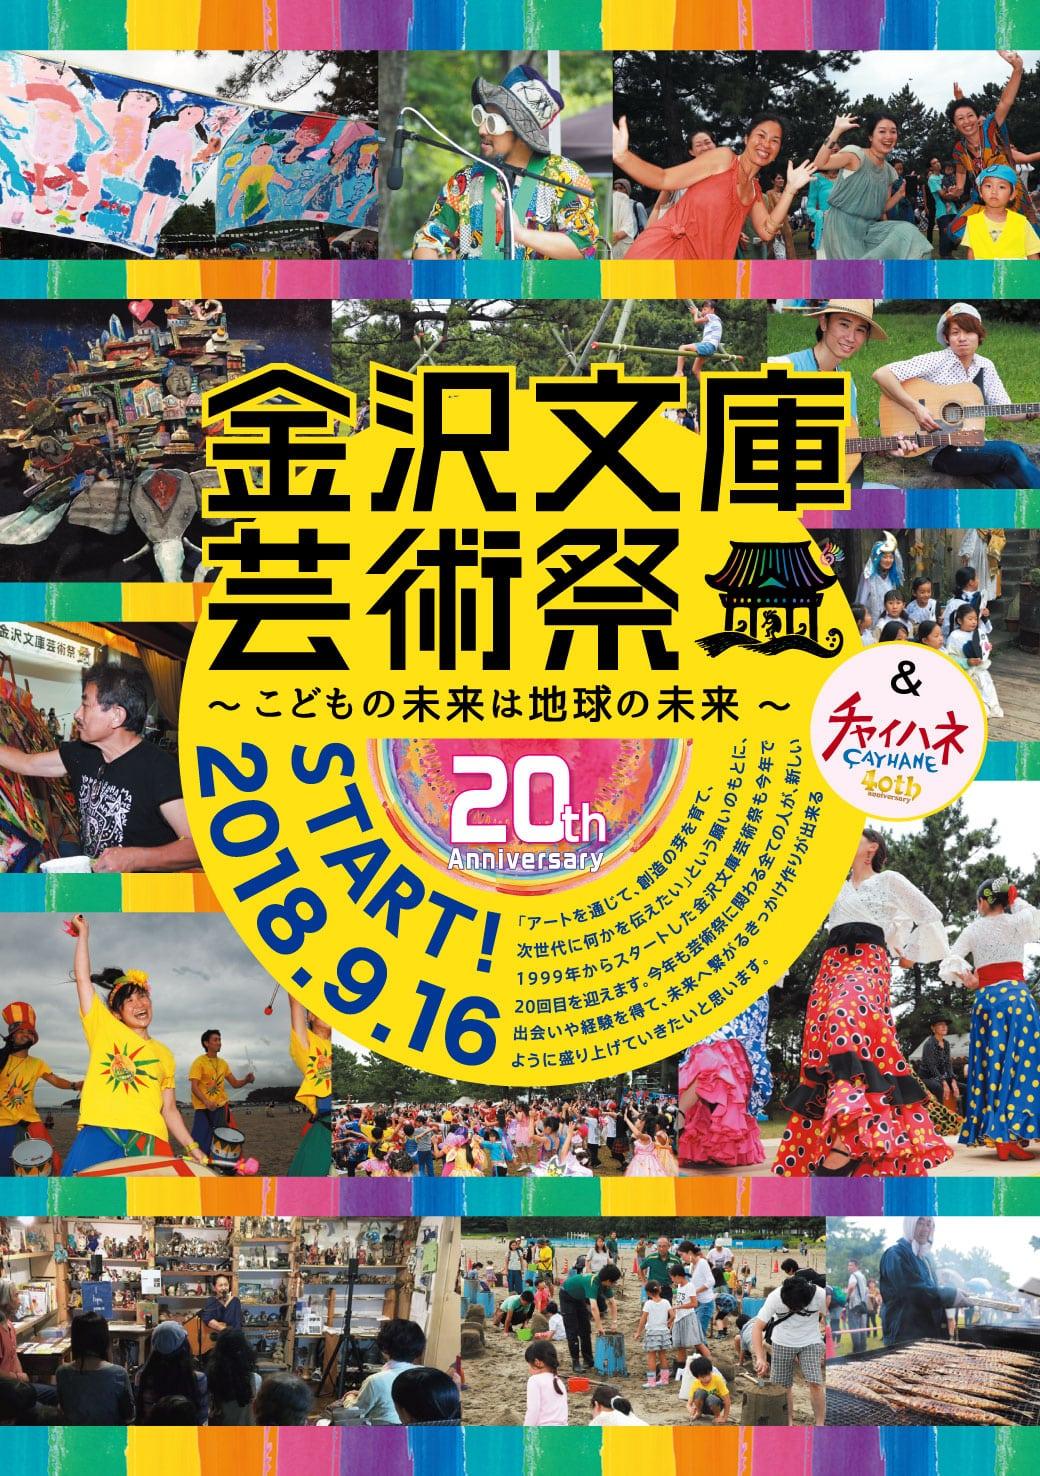 横浜【金沢文庫芸術祭】×【チャイハネ】